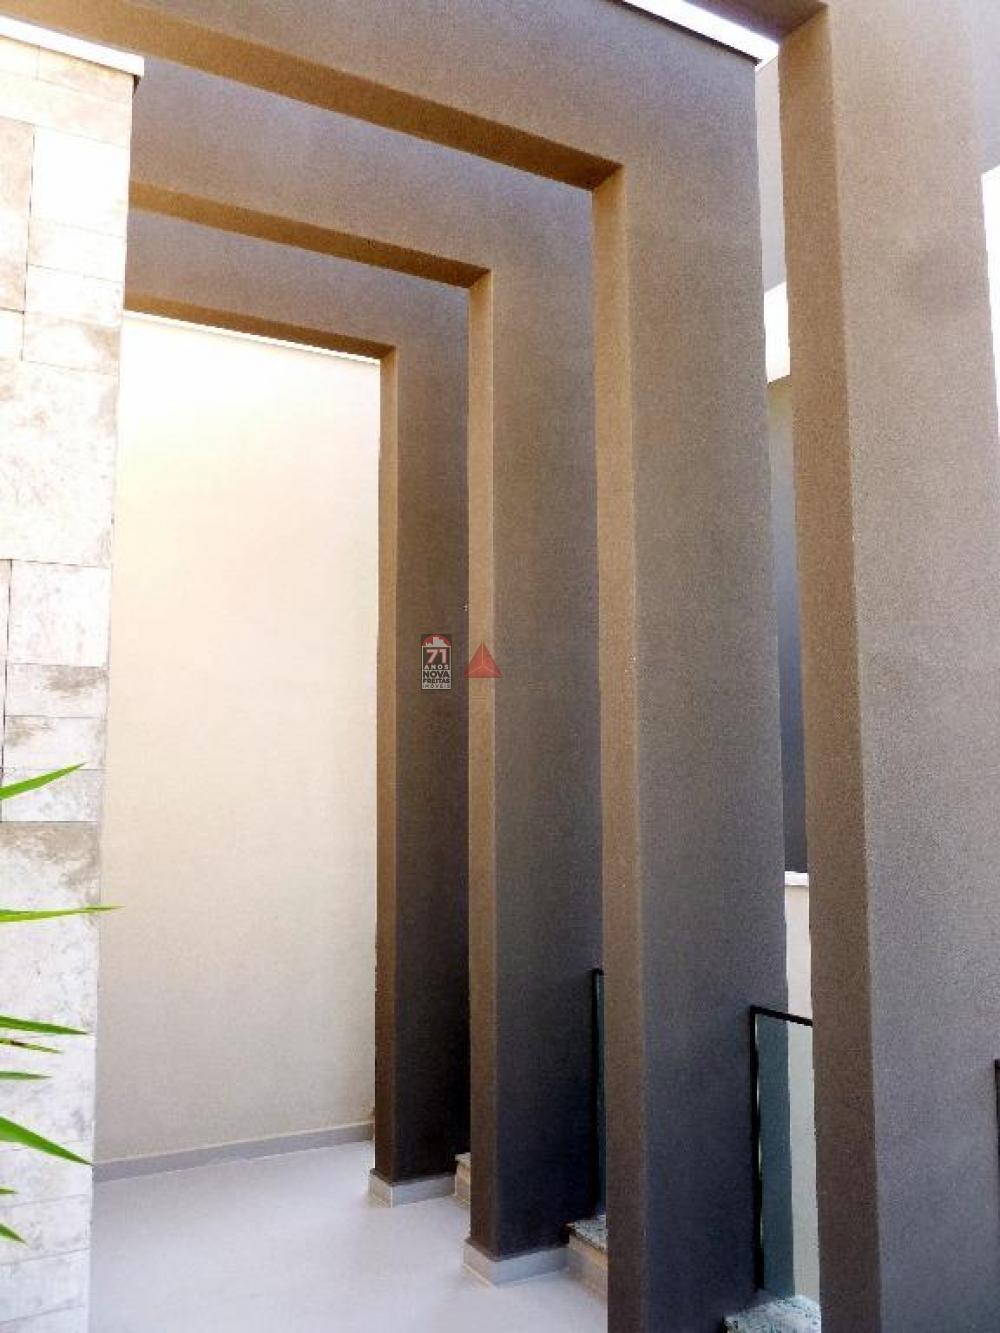 Comprar Casa / Sobrado em Condomínio em São José dos Campos apenas R$ 2.800.000,00 - Foto 27